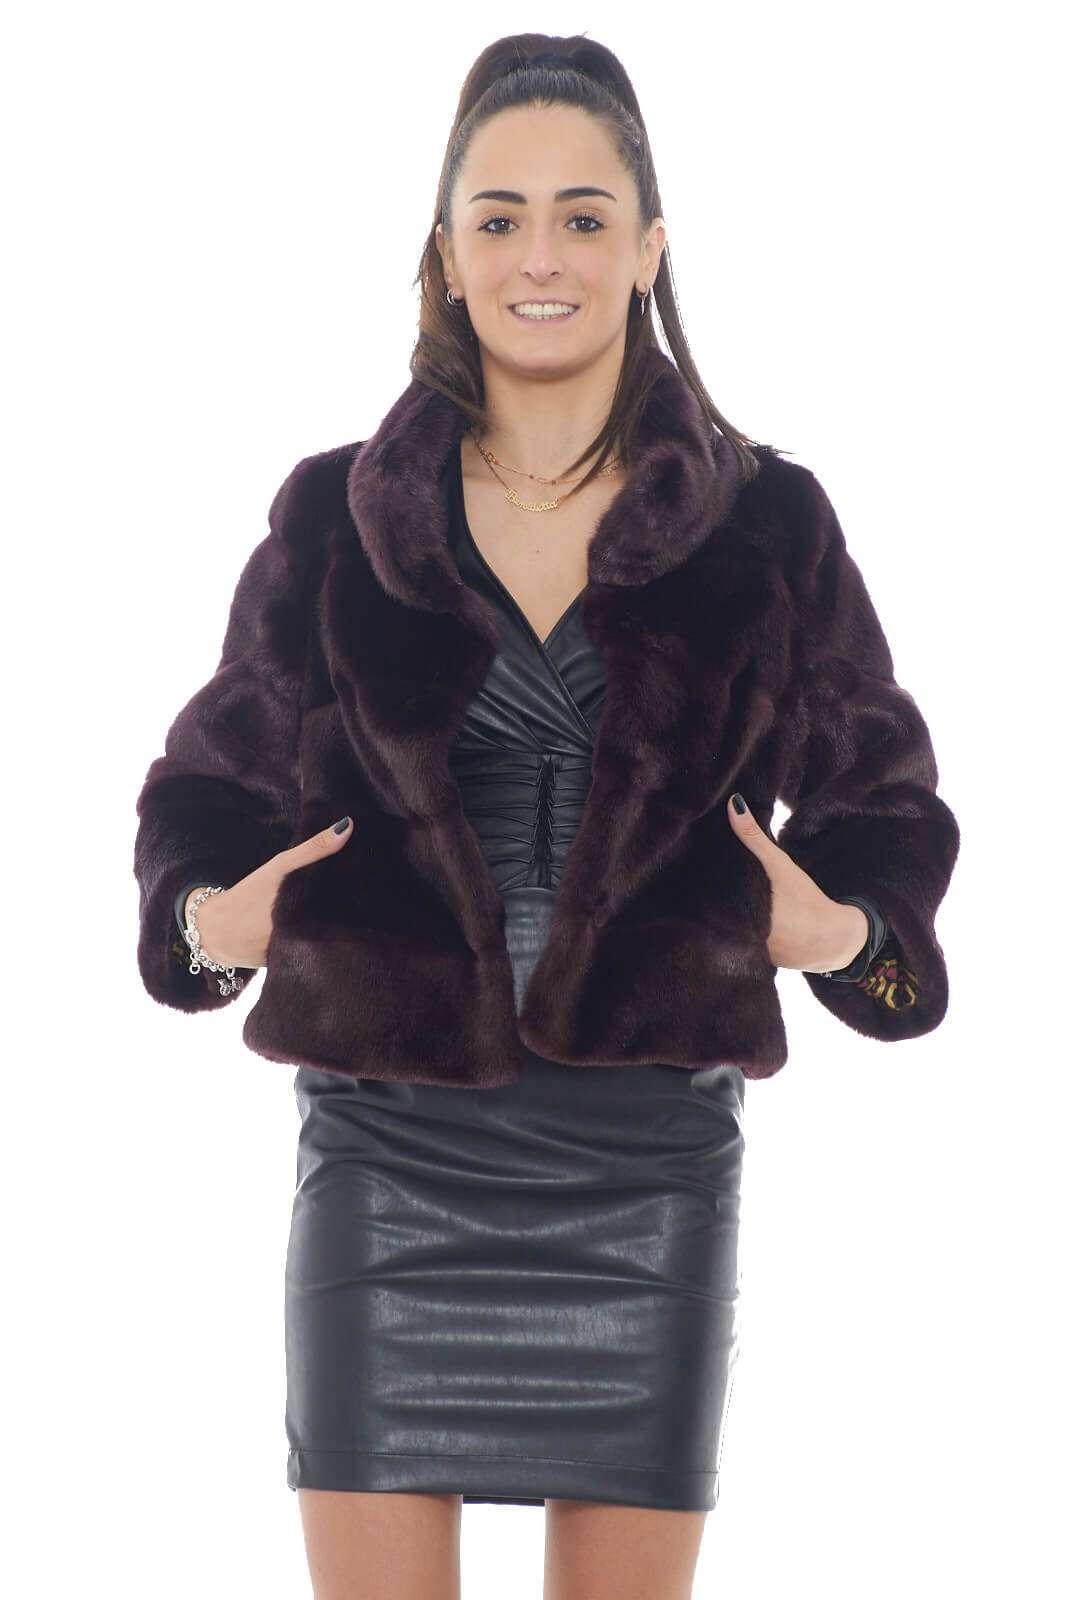 Una giacca chic e raffinata, interamente realizzata in pelliccia ecologica, per regalare ad ogni look un tocco glamour e modaiolo. L'ideale da indossare sopra abiti e vestitini, per le tue serate più esclusive.  La modella è alta 1,75m e indossa la taglia 40.